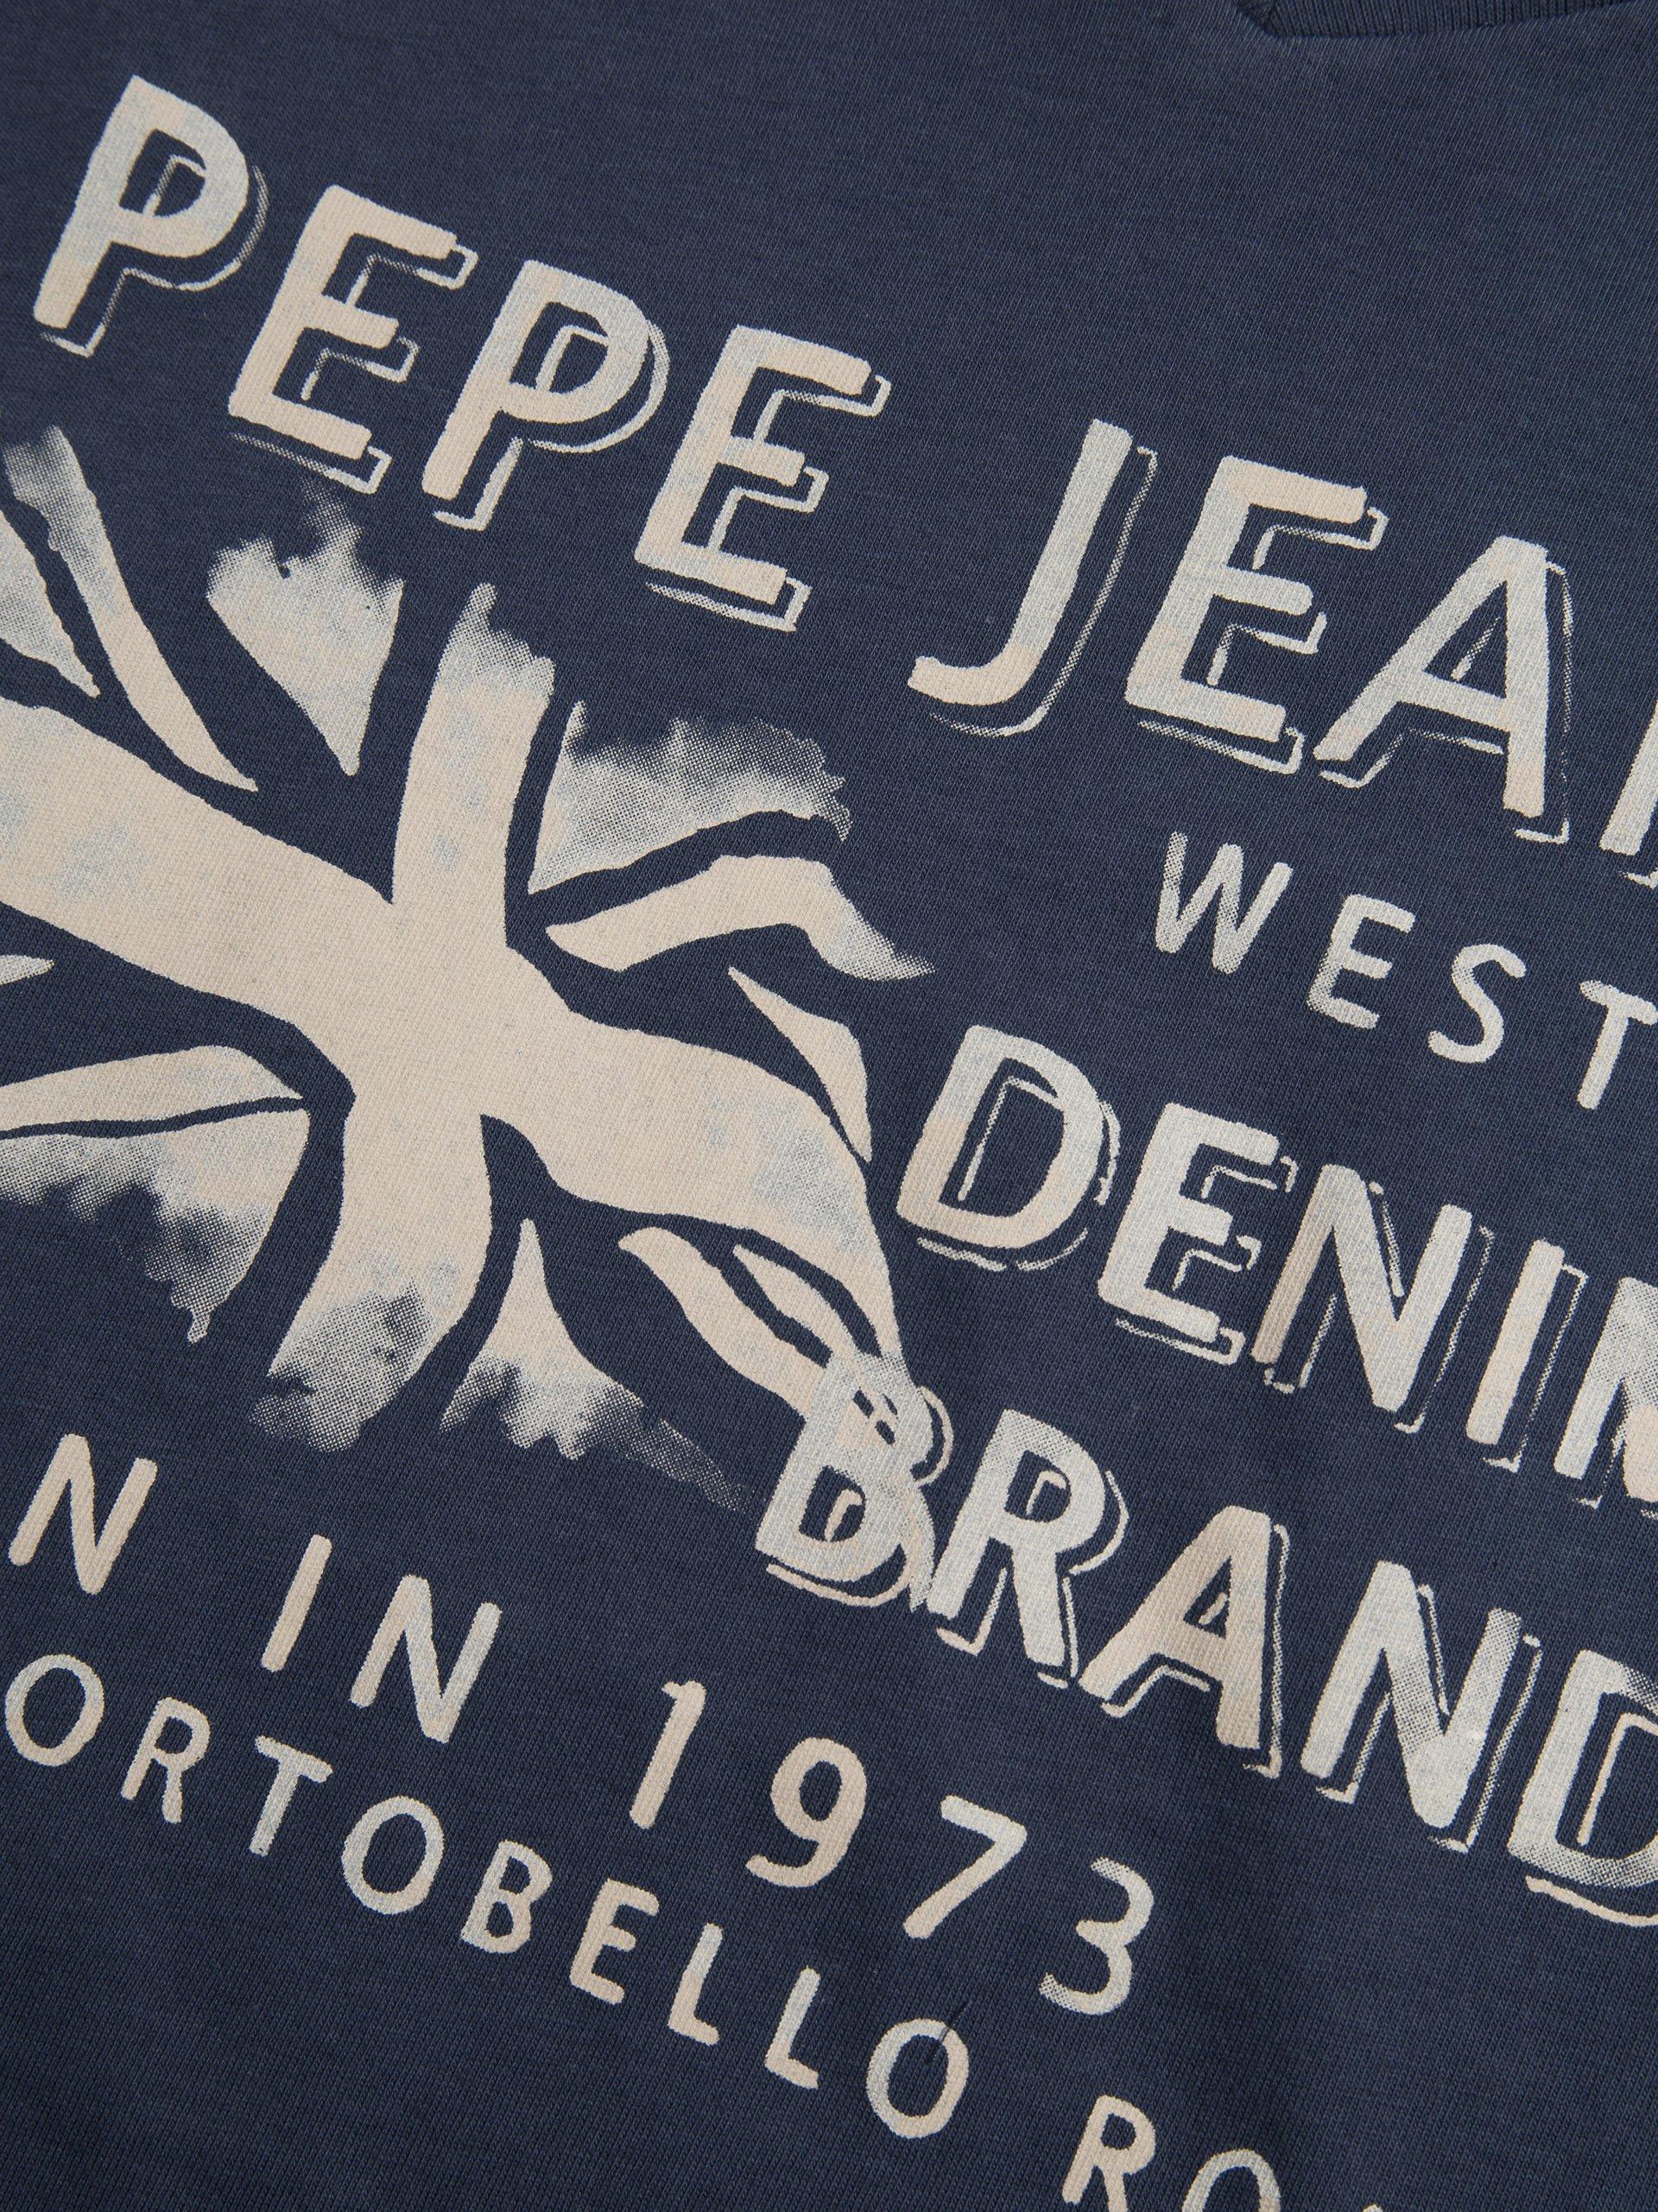 Pepe Jeans Jungen T-Shirt - Fabio